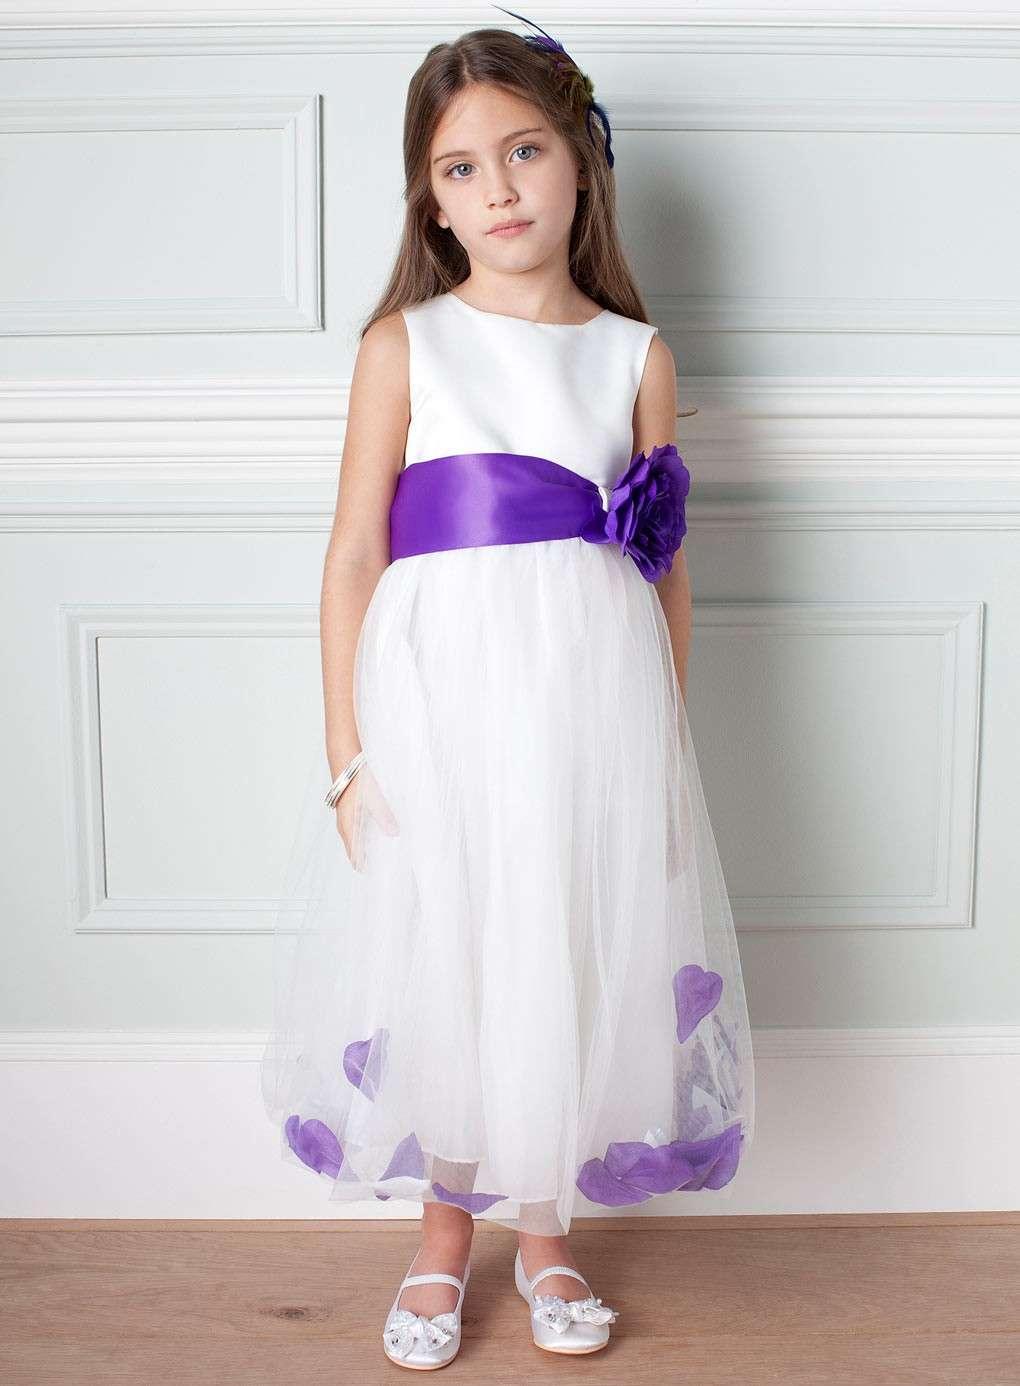 timeless design 16391 63c12 Abiti da cerimonia per bambini: look eleganti per i piccoli ...